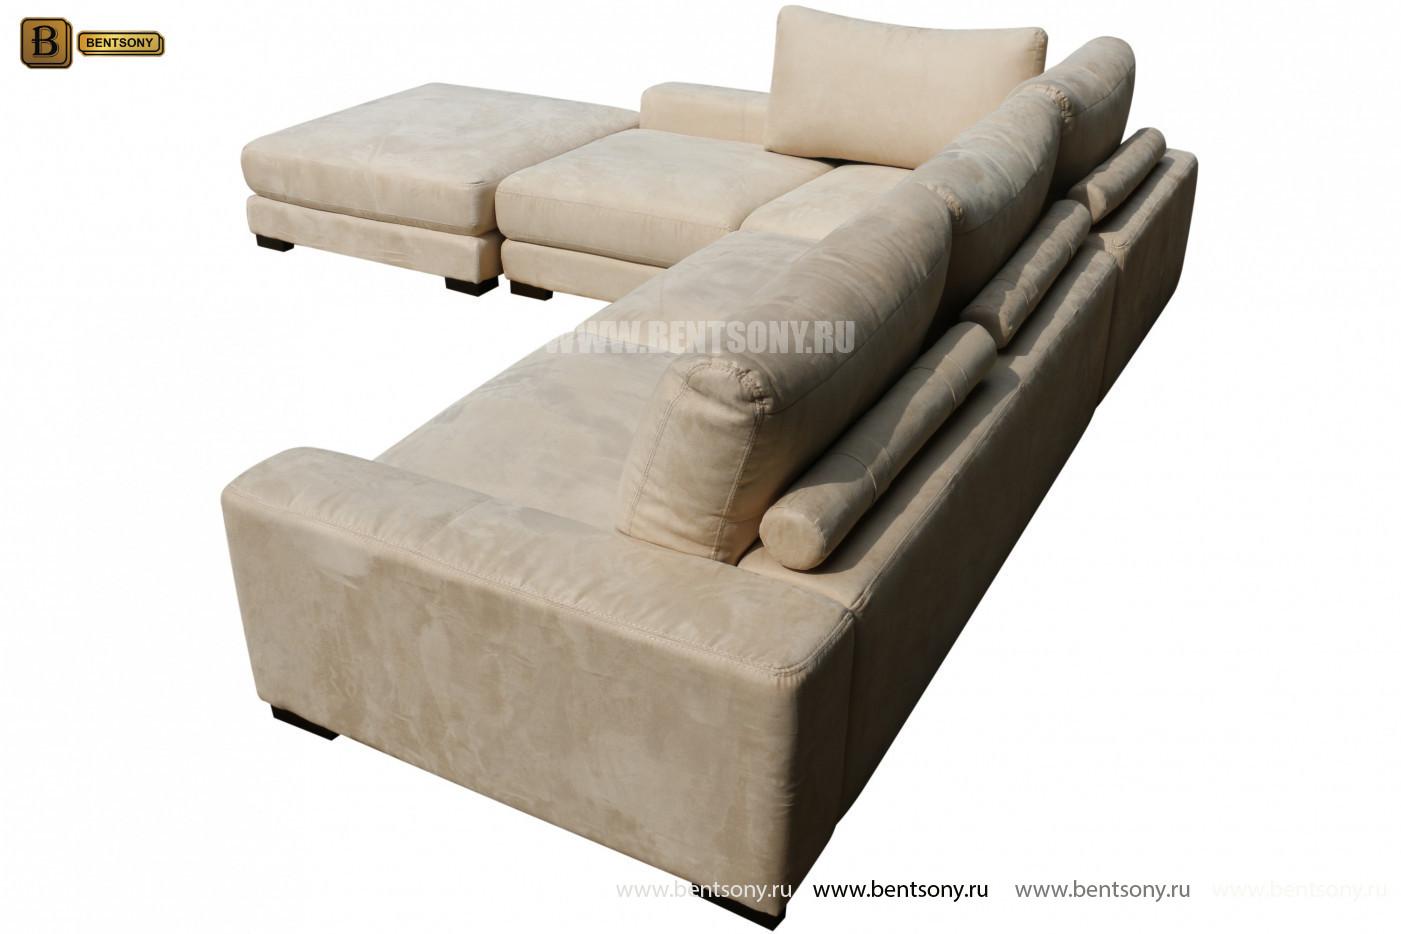 Угловой диван Луиджи купить